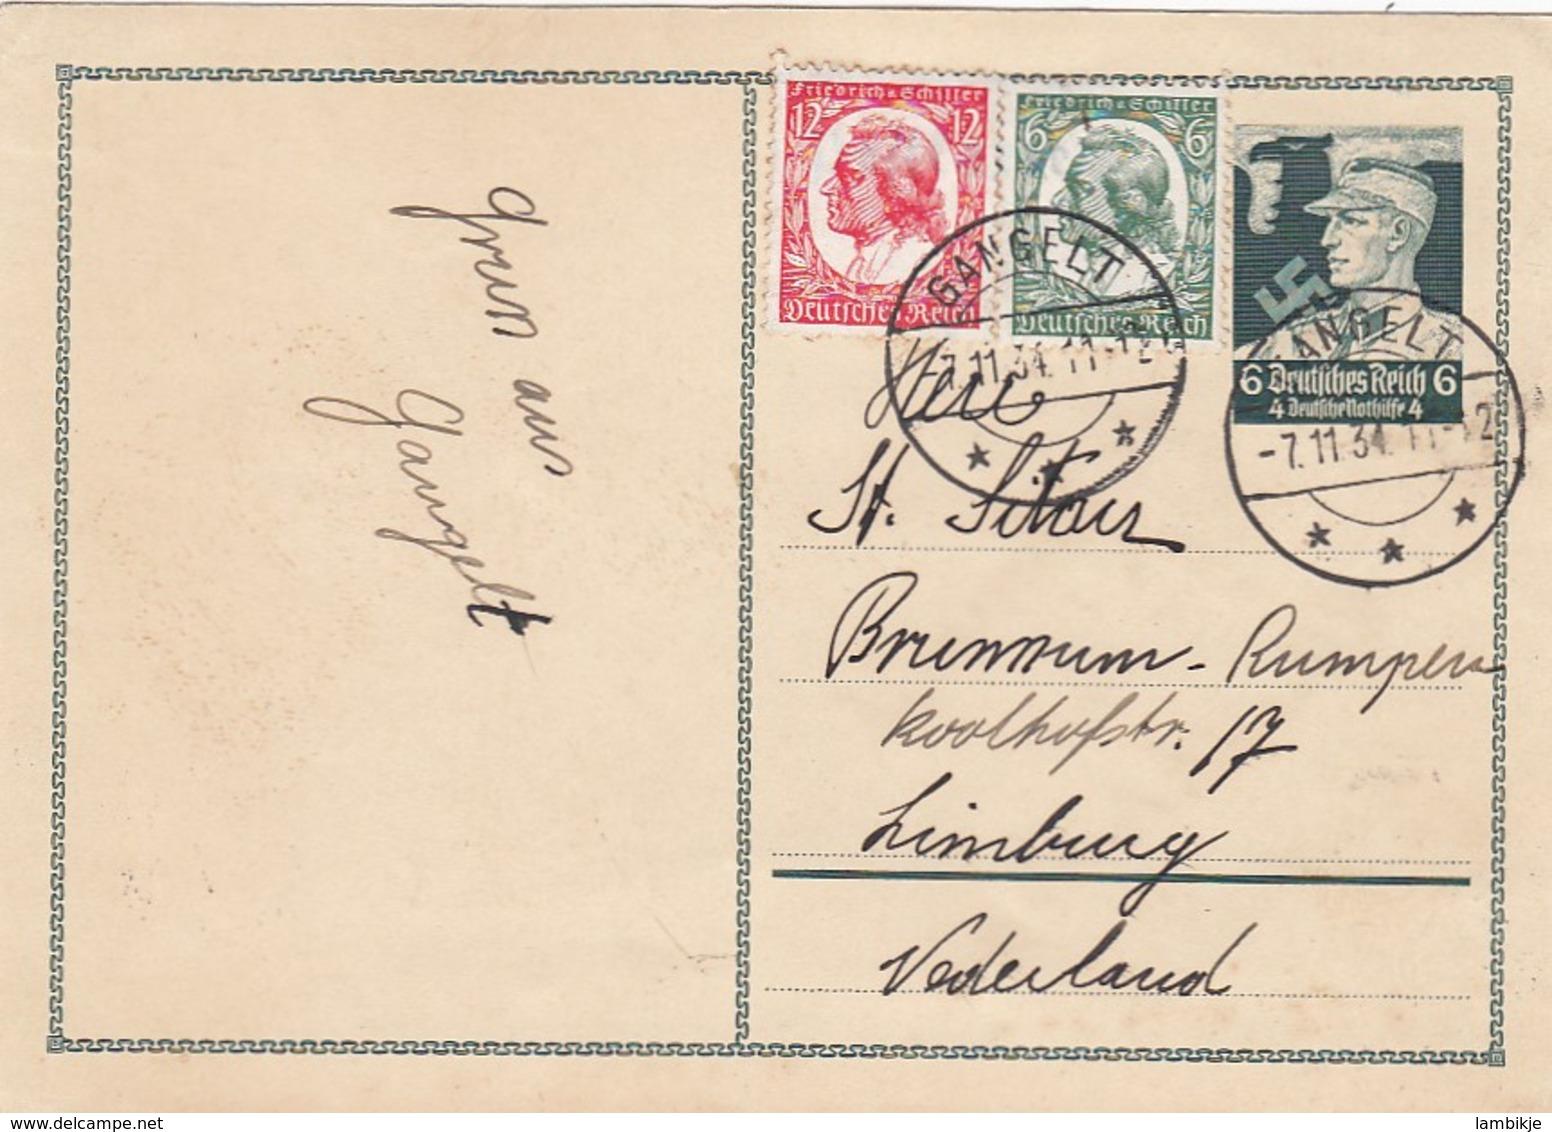 Deutsches Reich Postkarte P253 1934 - Briefe U. Dokumente